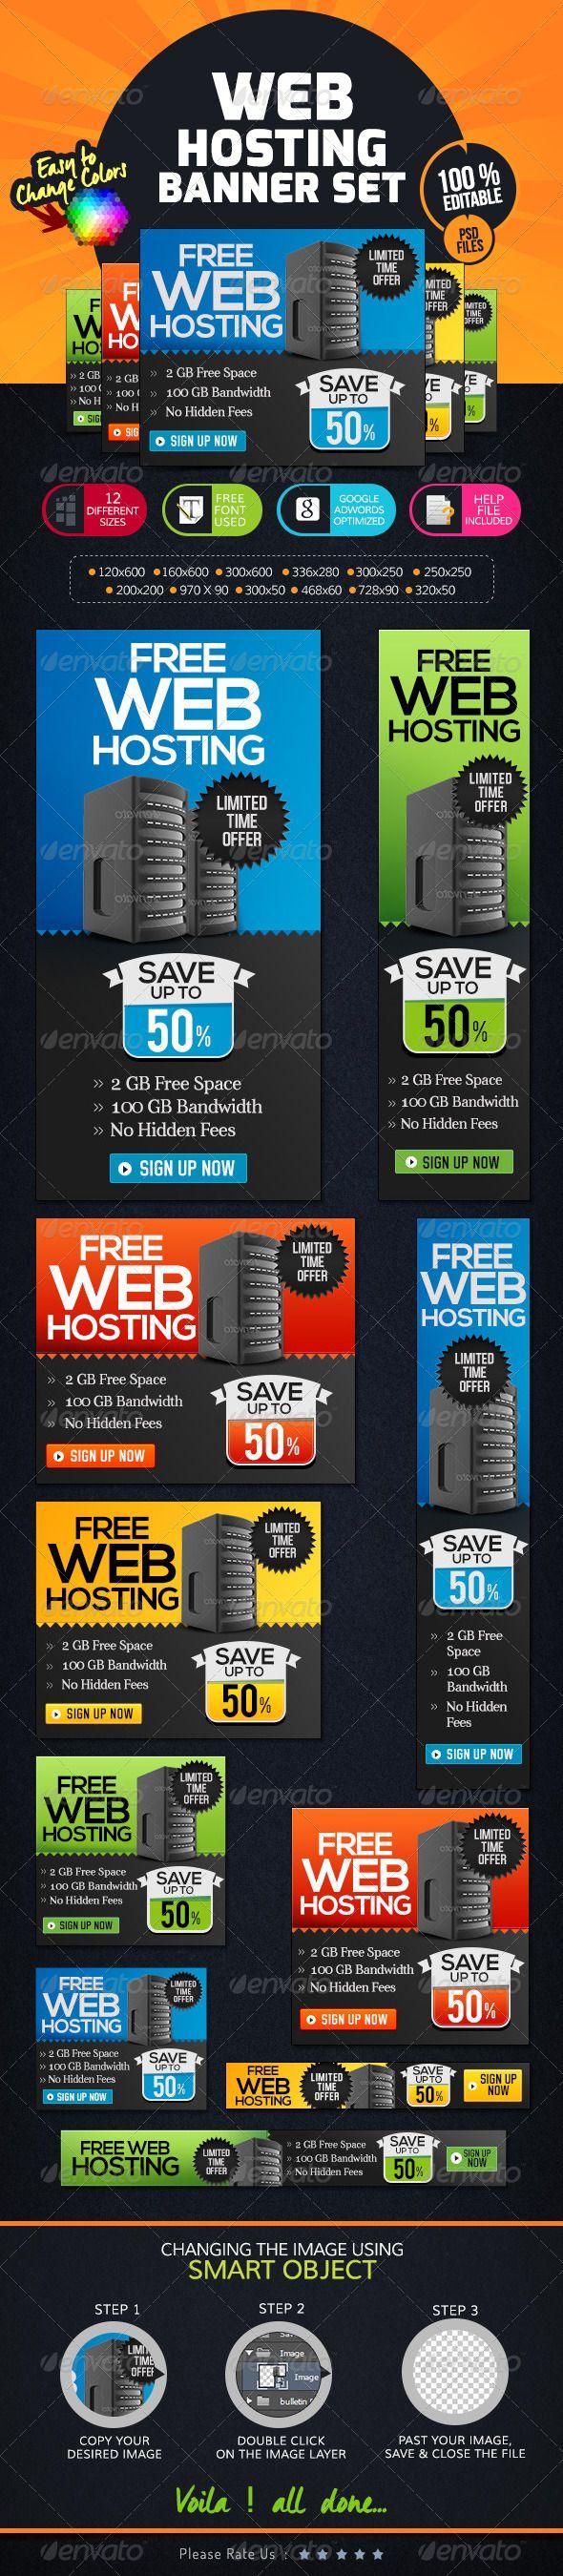 Free web hosting no banner - Web Hosting Banner Set